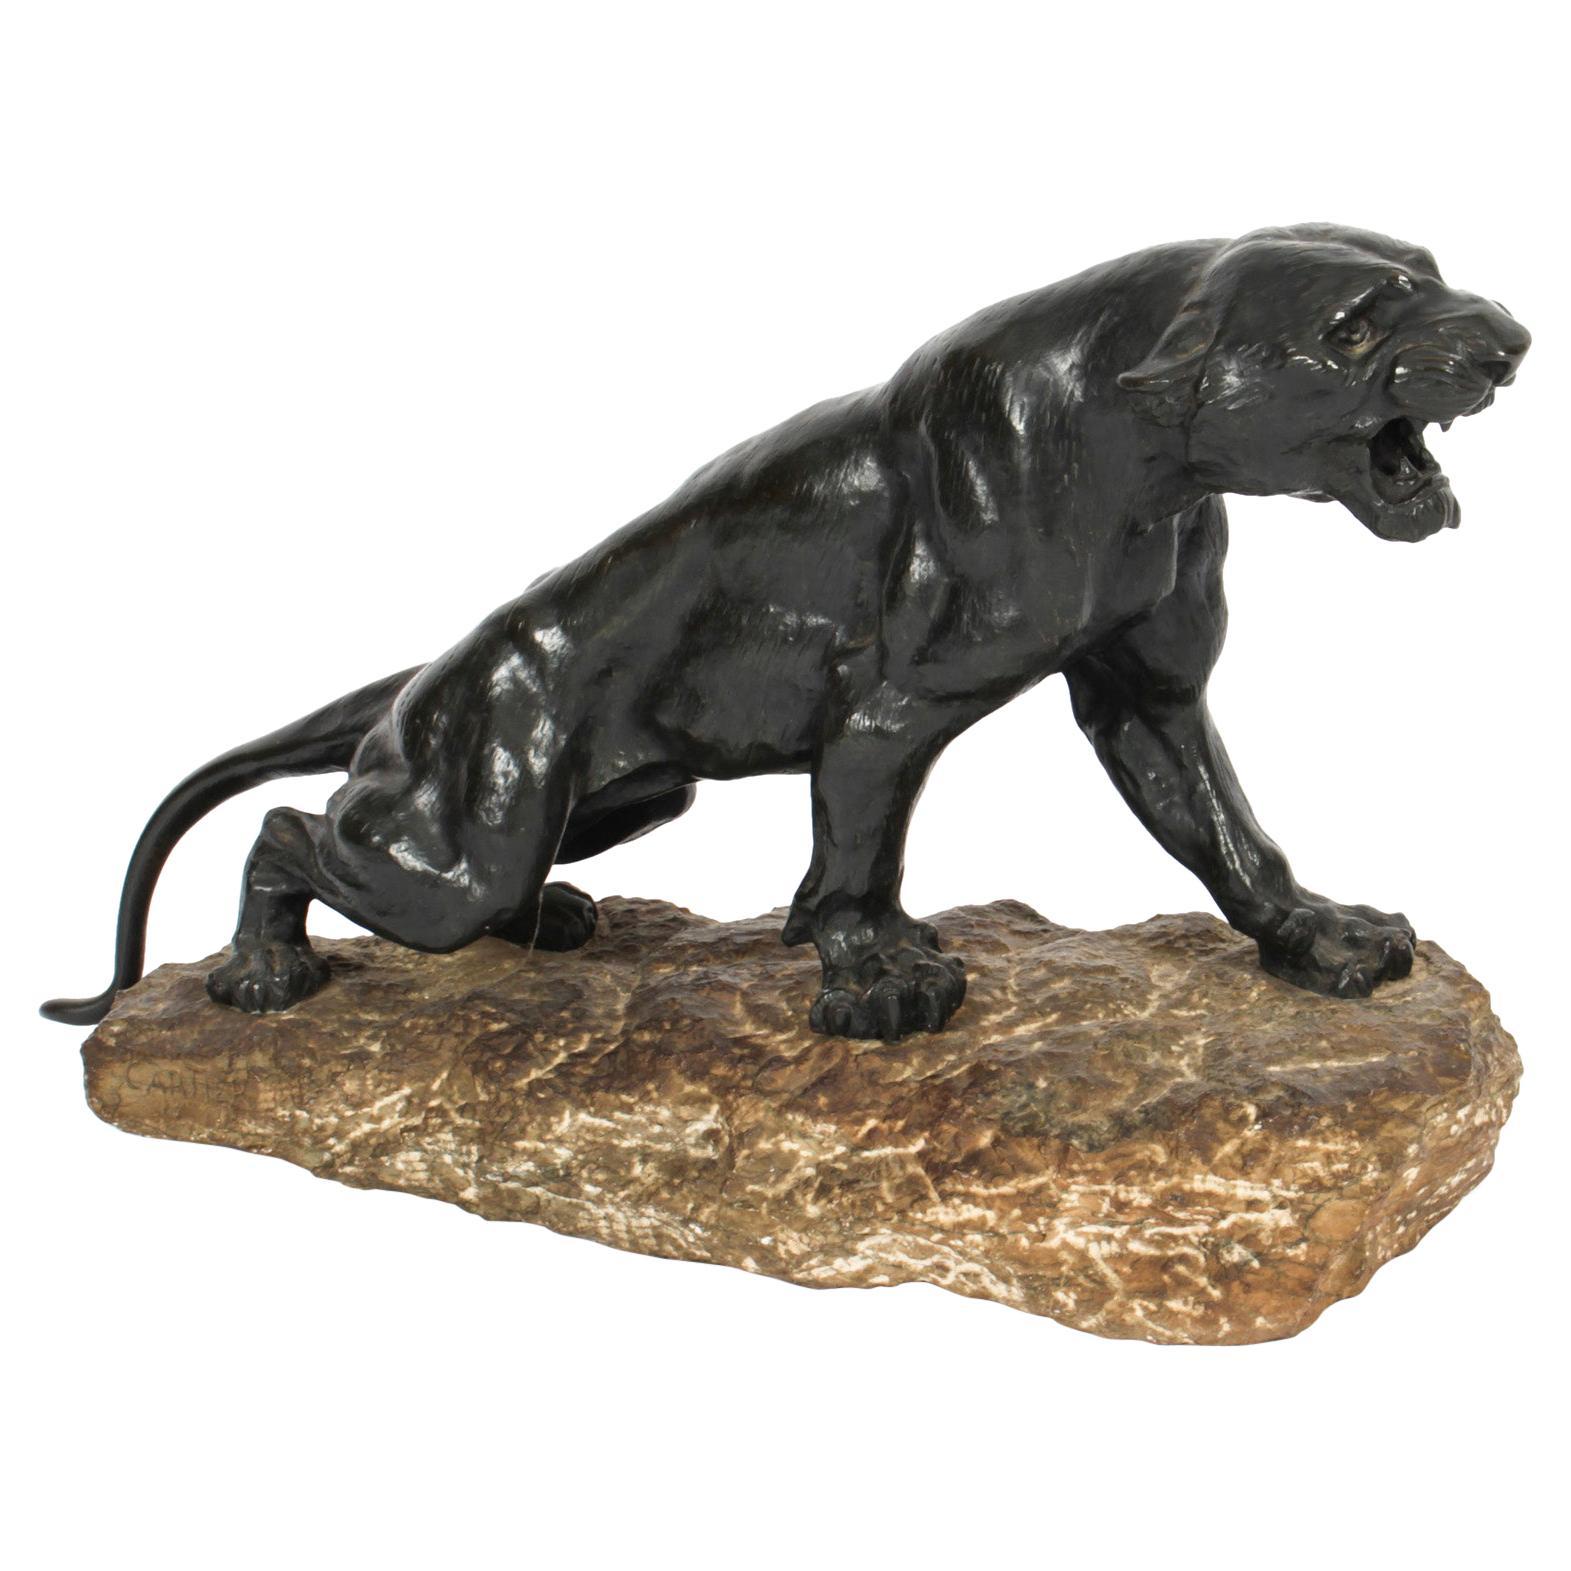 Antique Large Art Deco Bronze Panther by Thomas François Cartier, 1920s